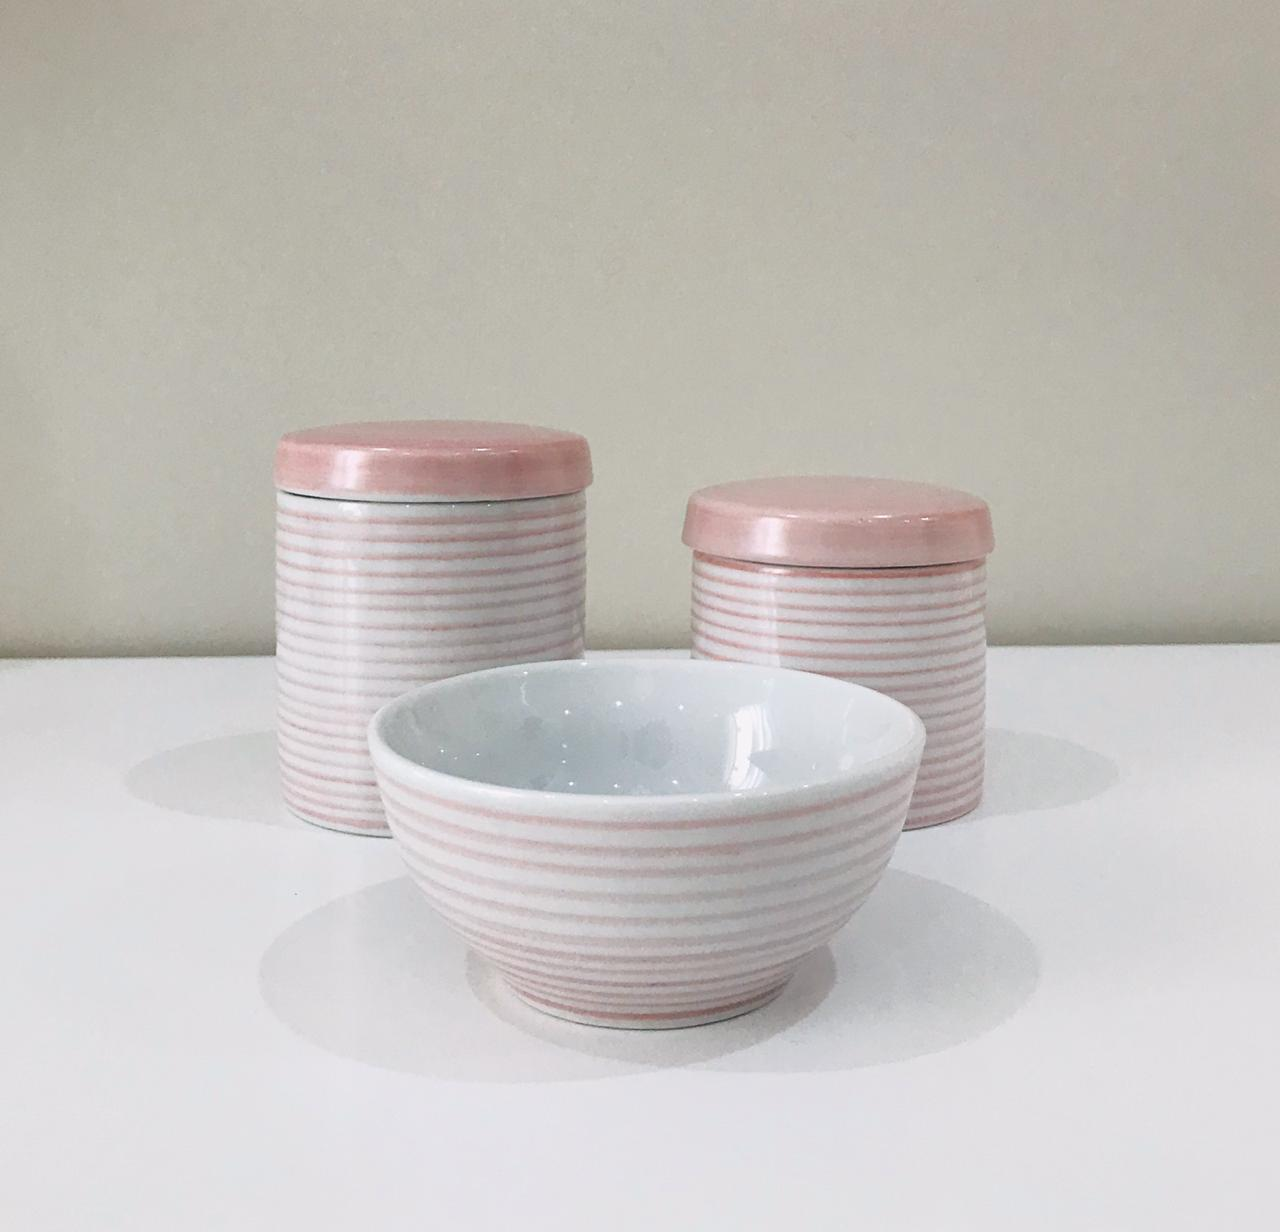 Kit de Higiene Listrado Rosa com Branco - 3 Peças